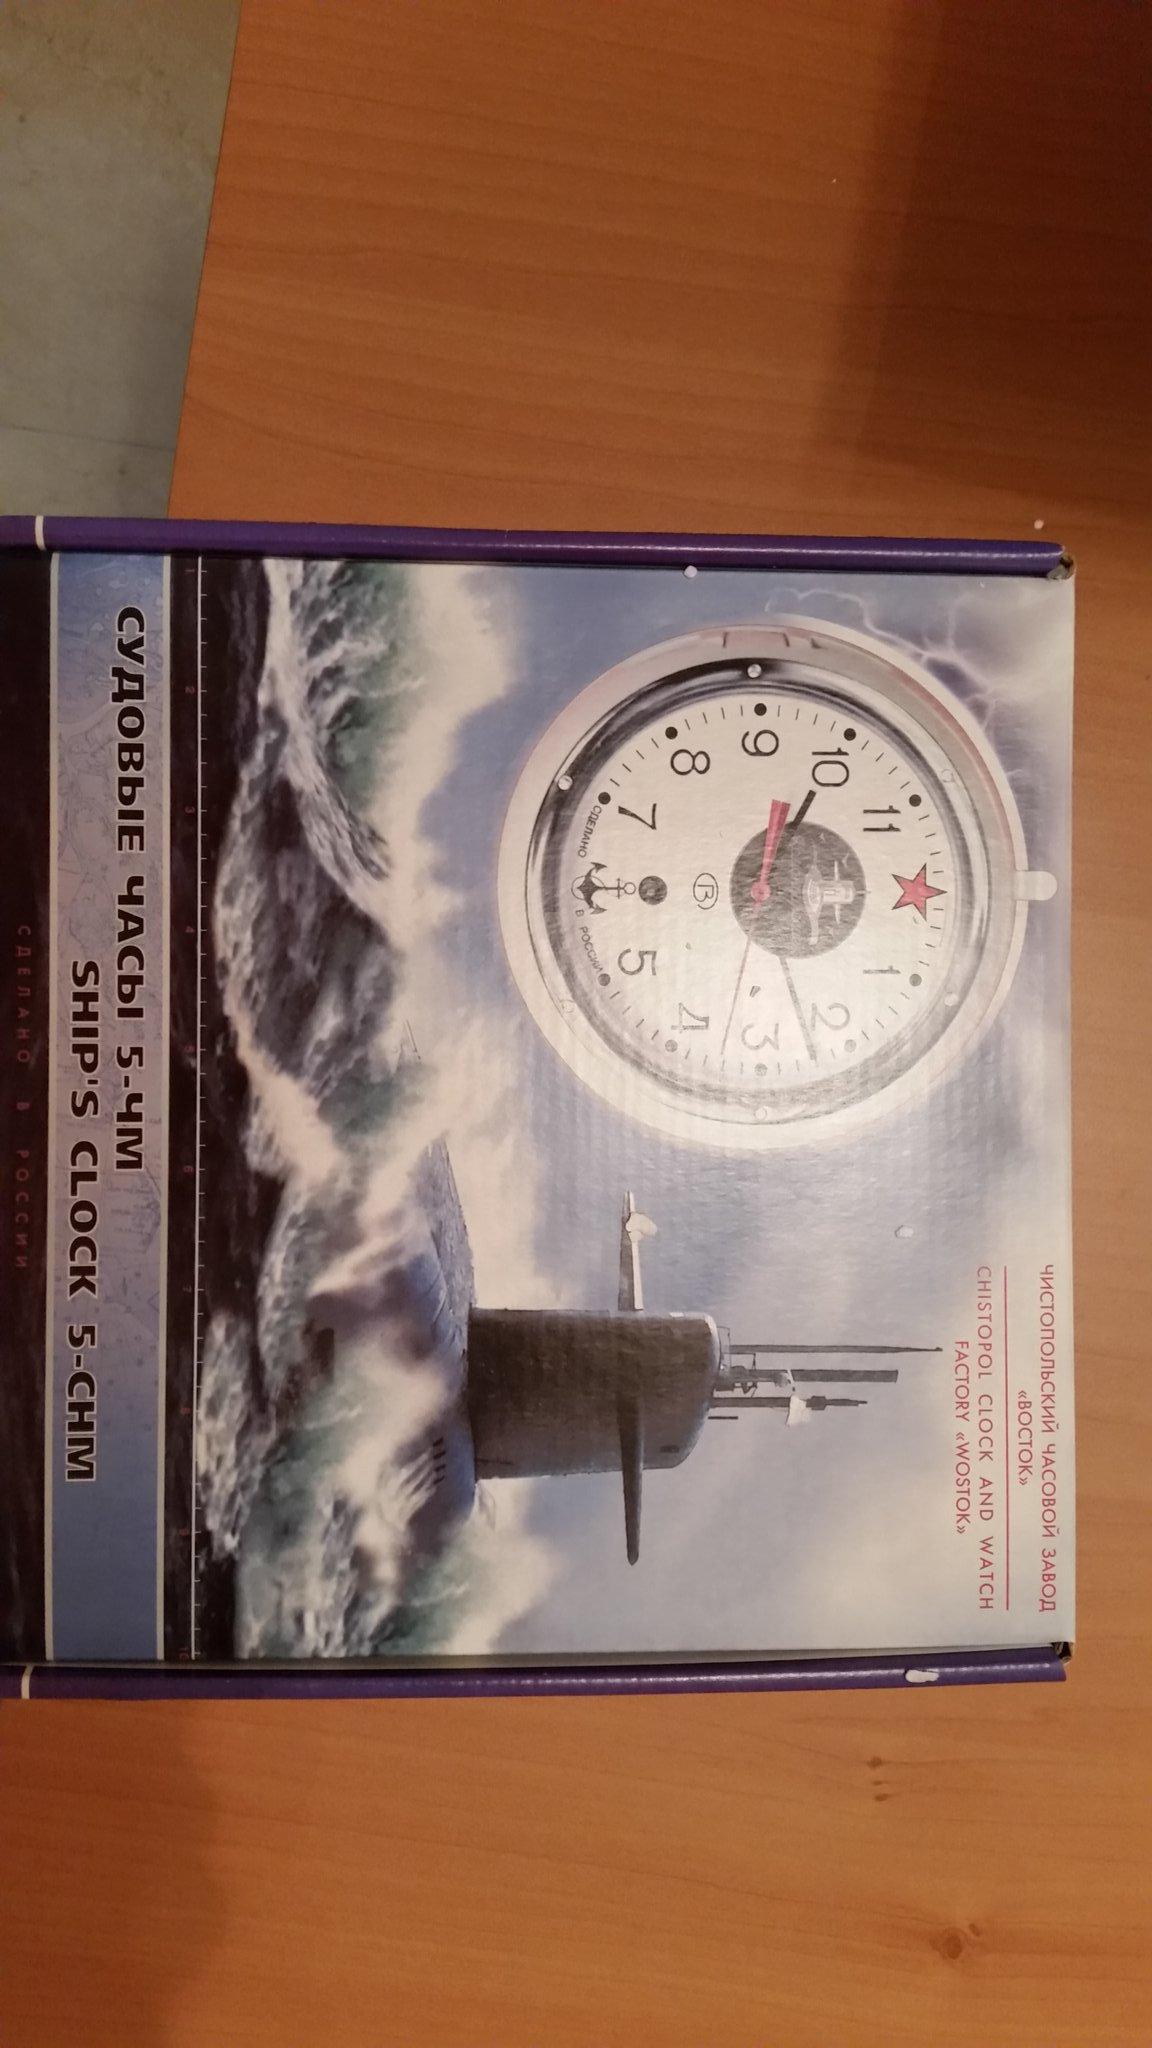 Reloj de barco/submarino CXVU3oKW8AArHCu